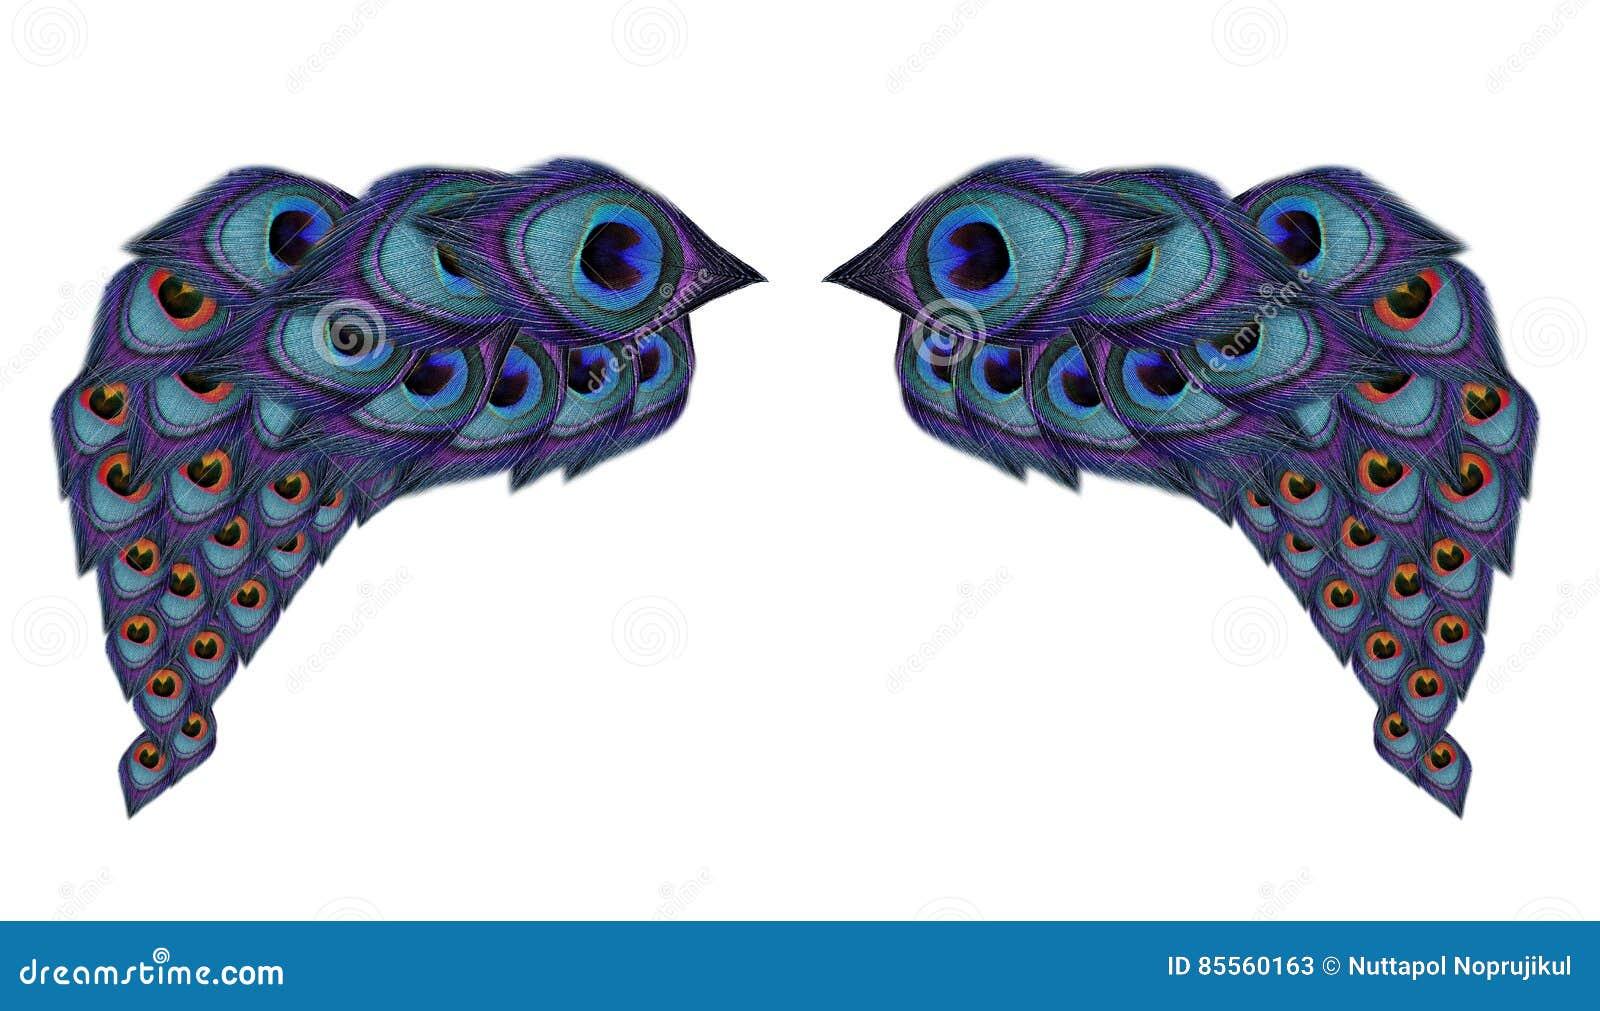 Flügelpfaufedern auf weißem Hintergrund